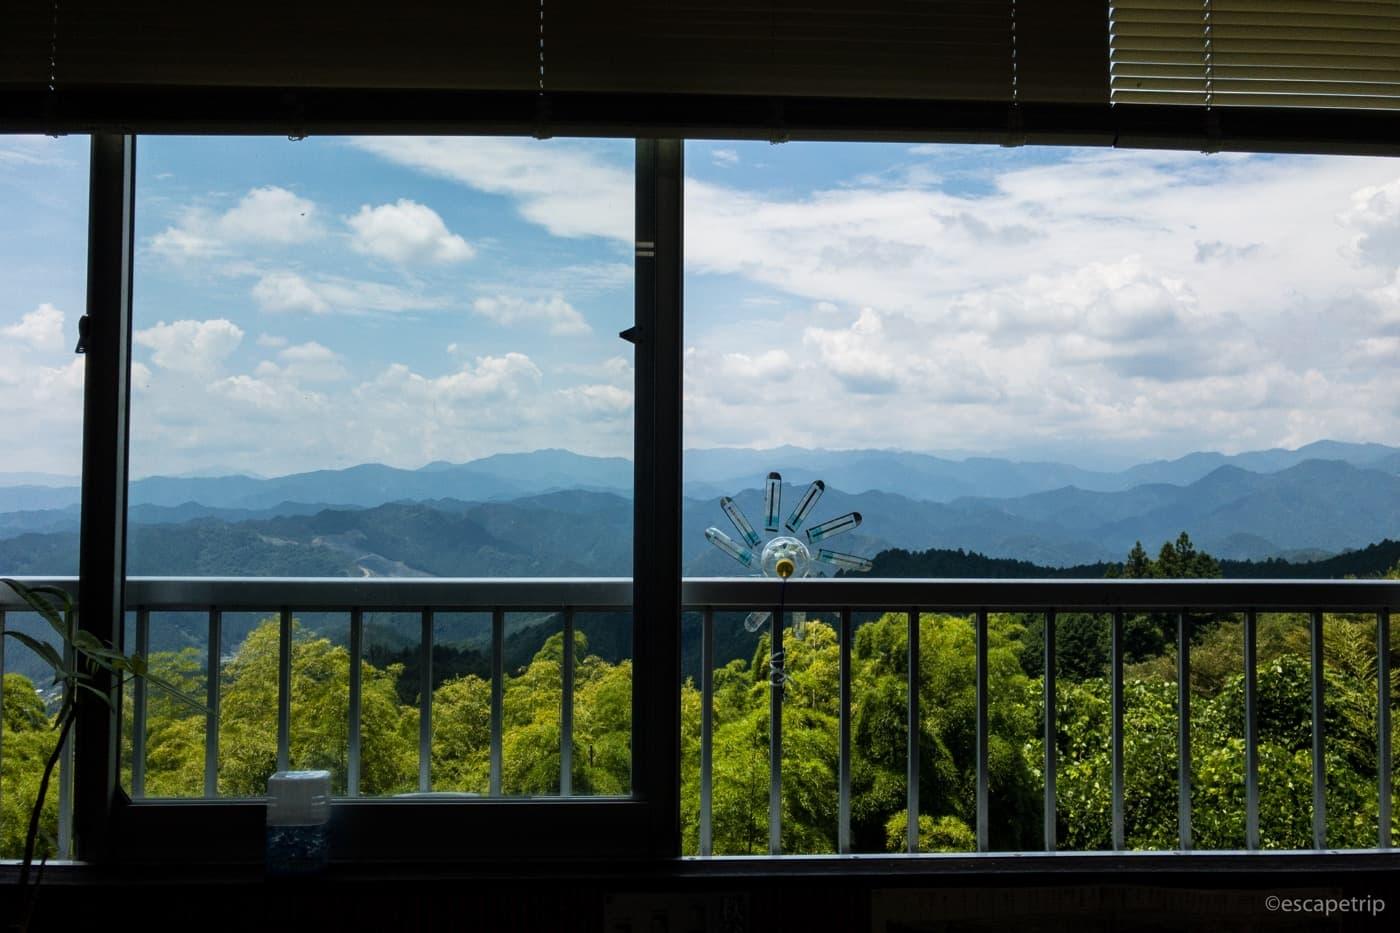 顔振峠の茶屋からの眺め